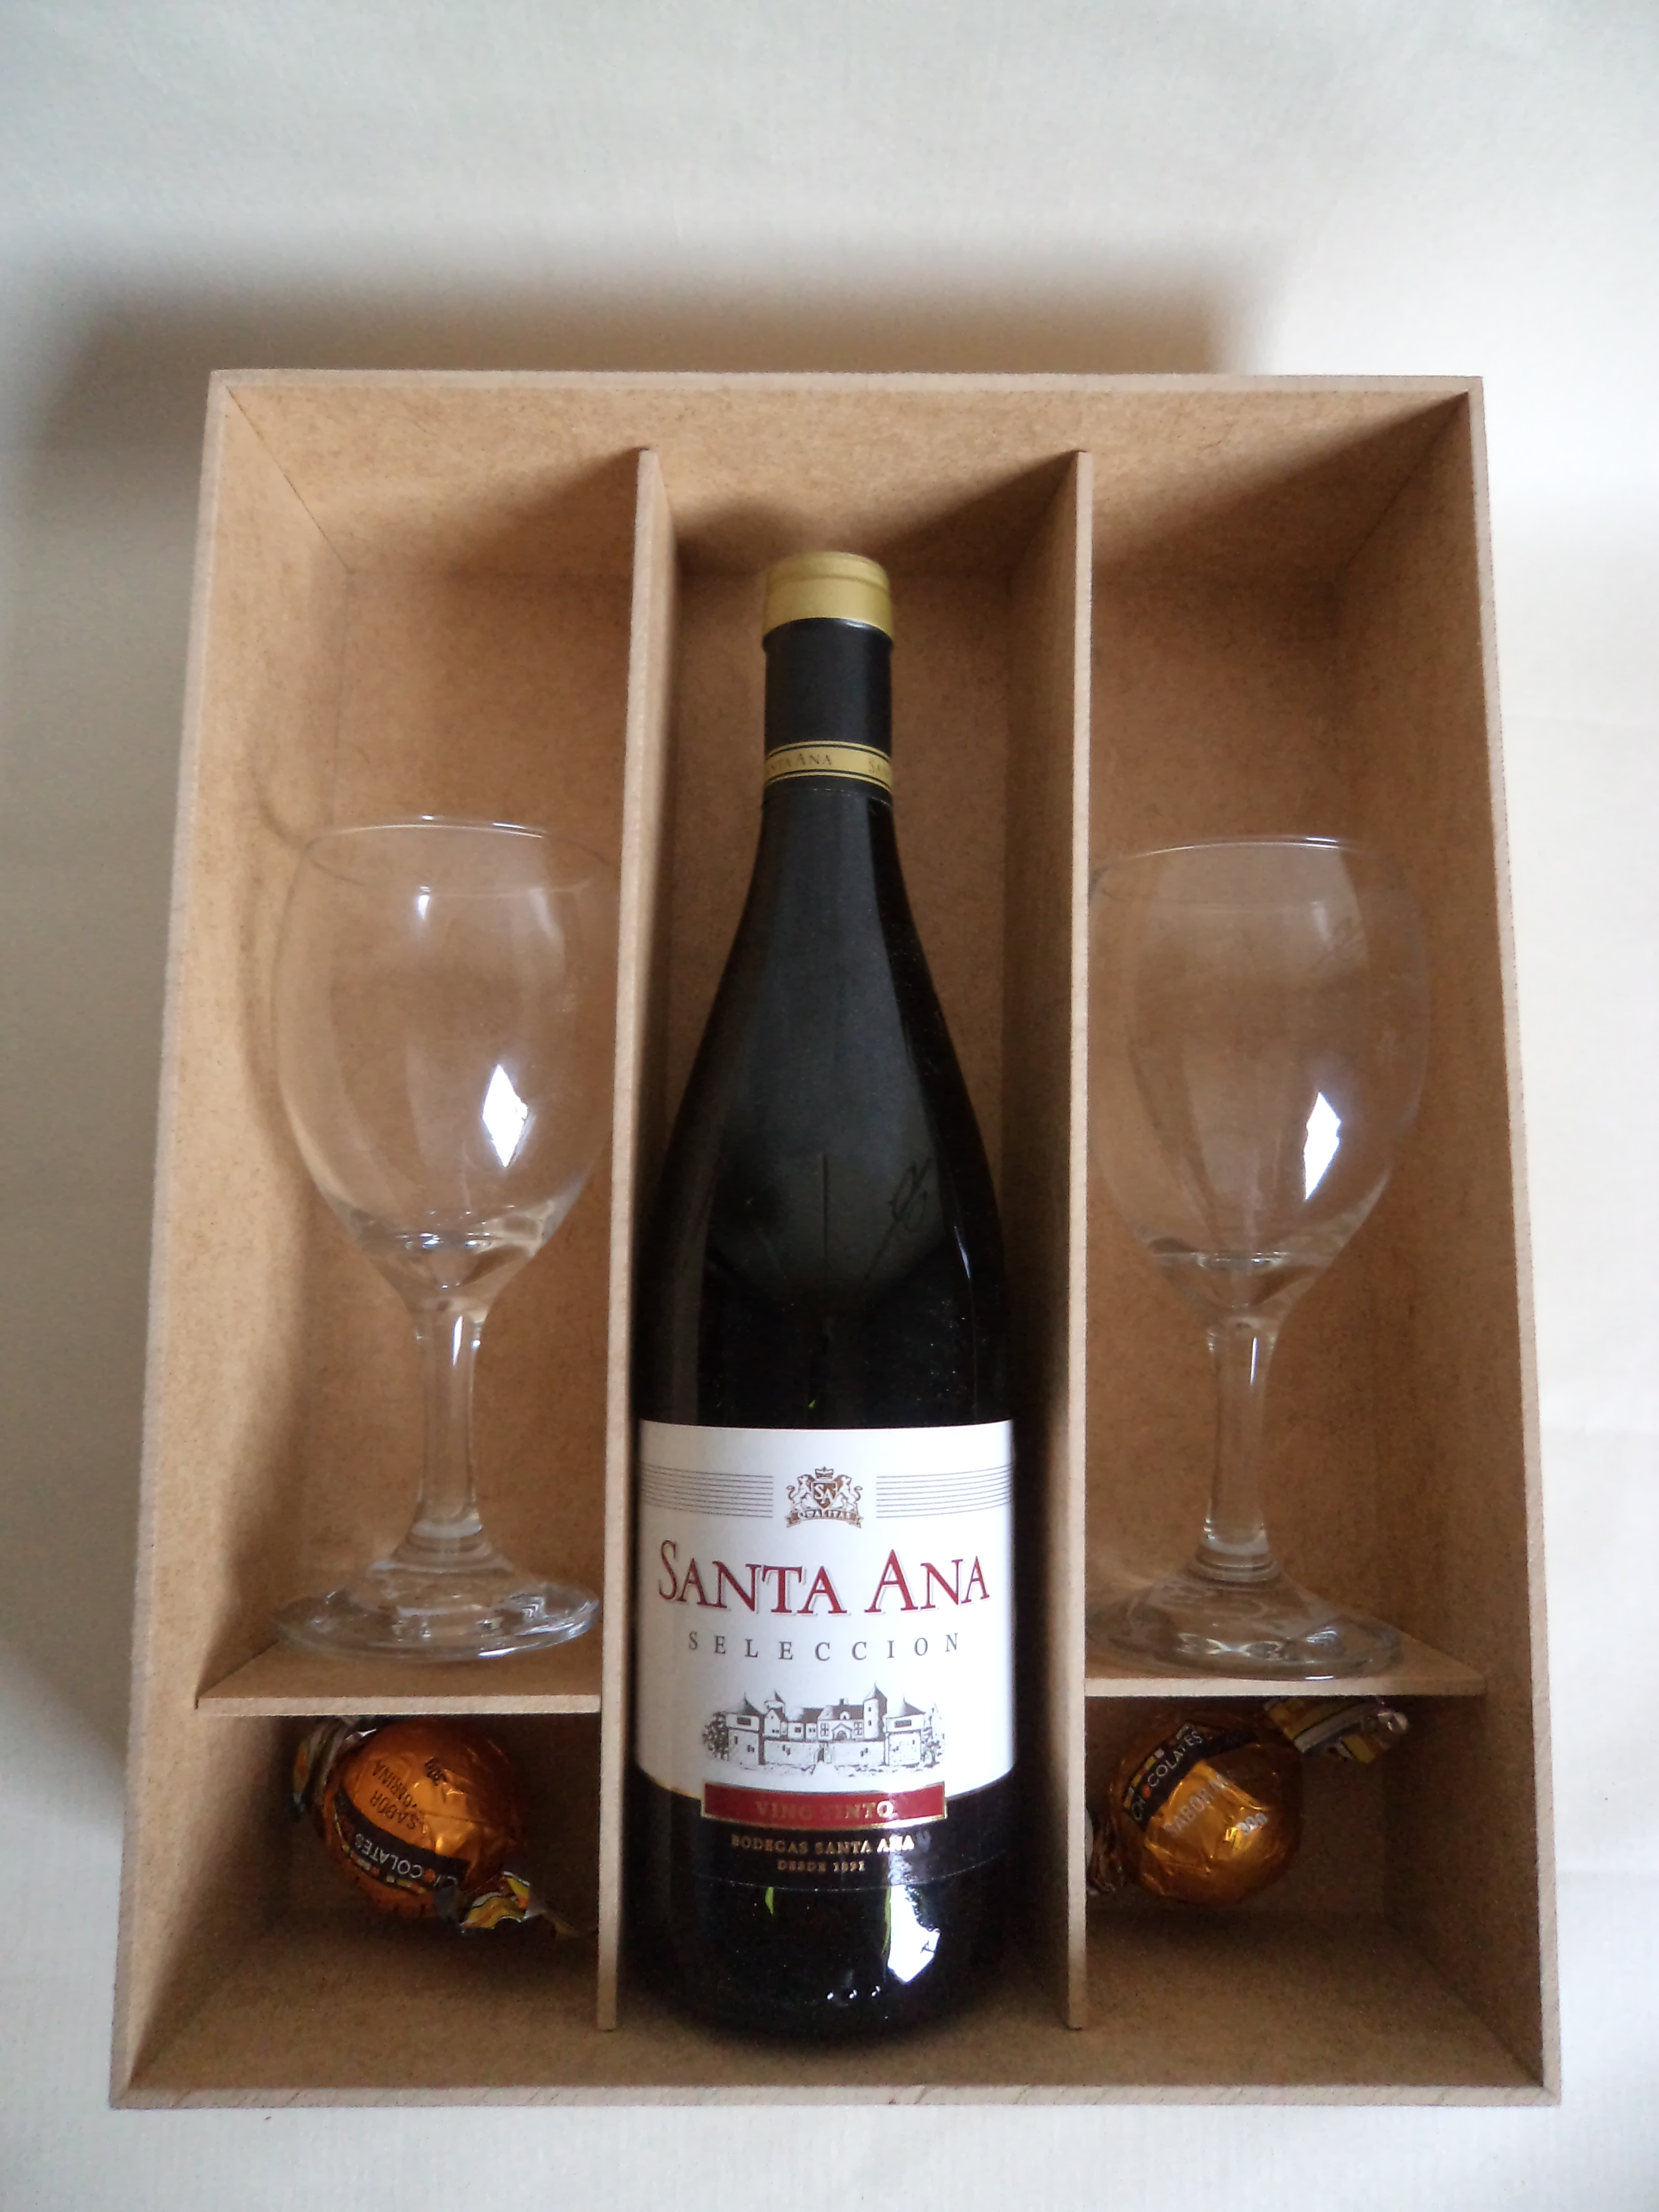 caixa vinho tacas e doces caixa vinho tacas e doces #69452C 3240x4320